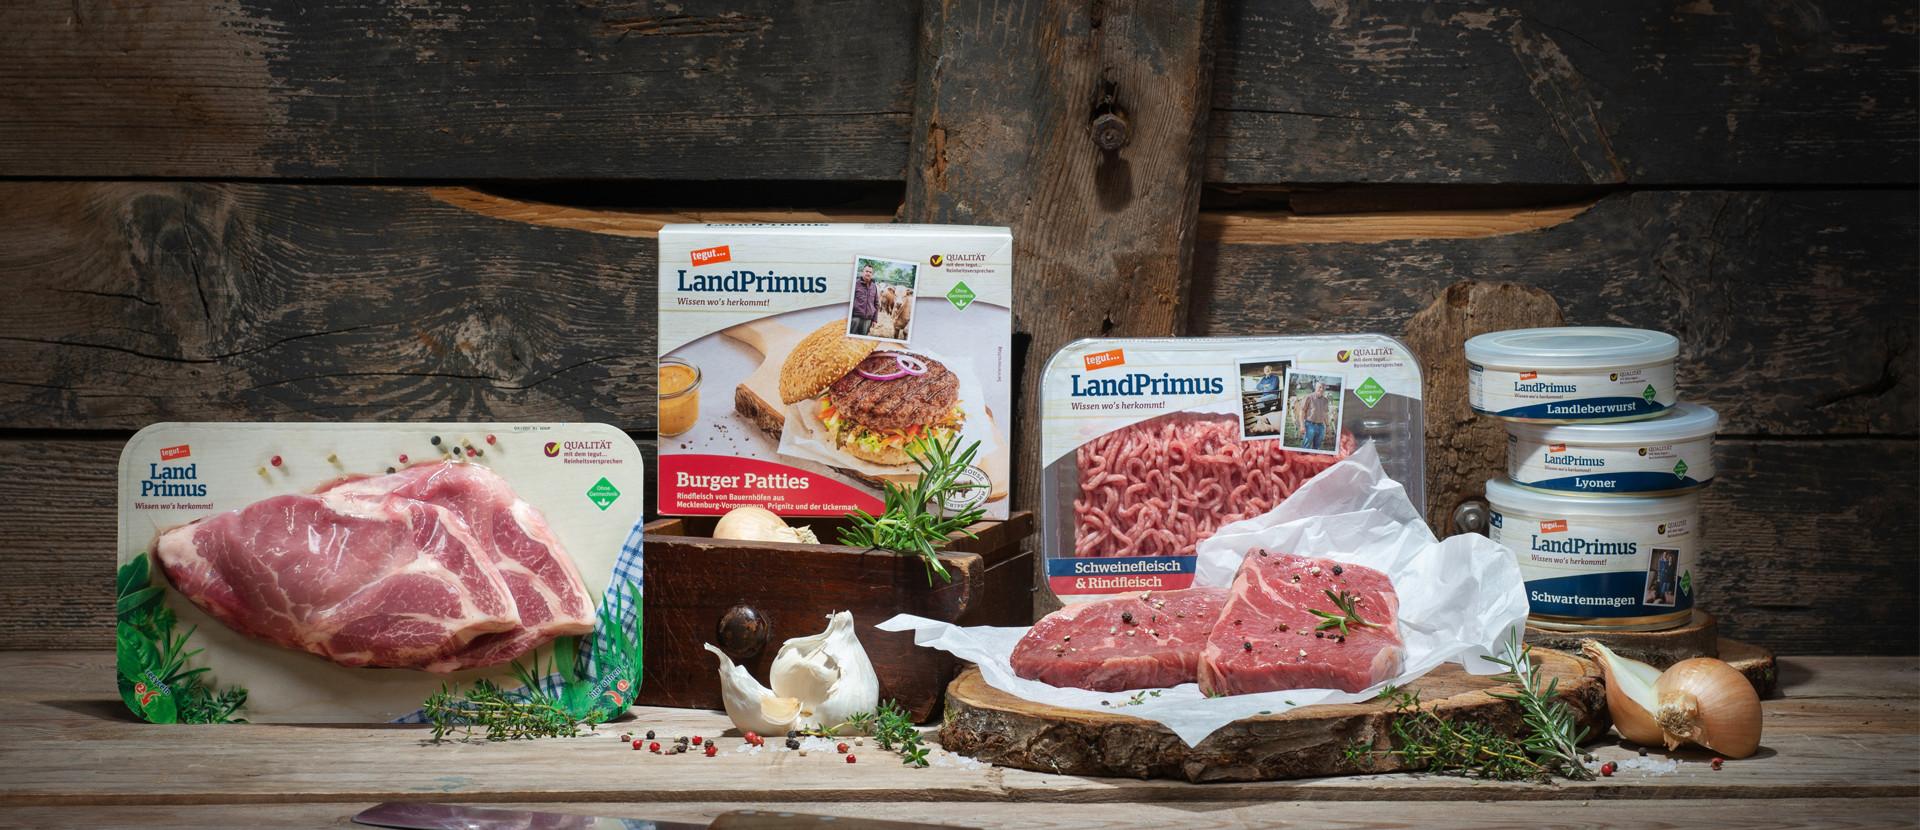 verschiedene tegut LandPrimus Produkte